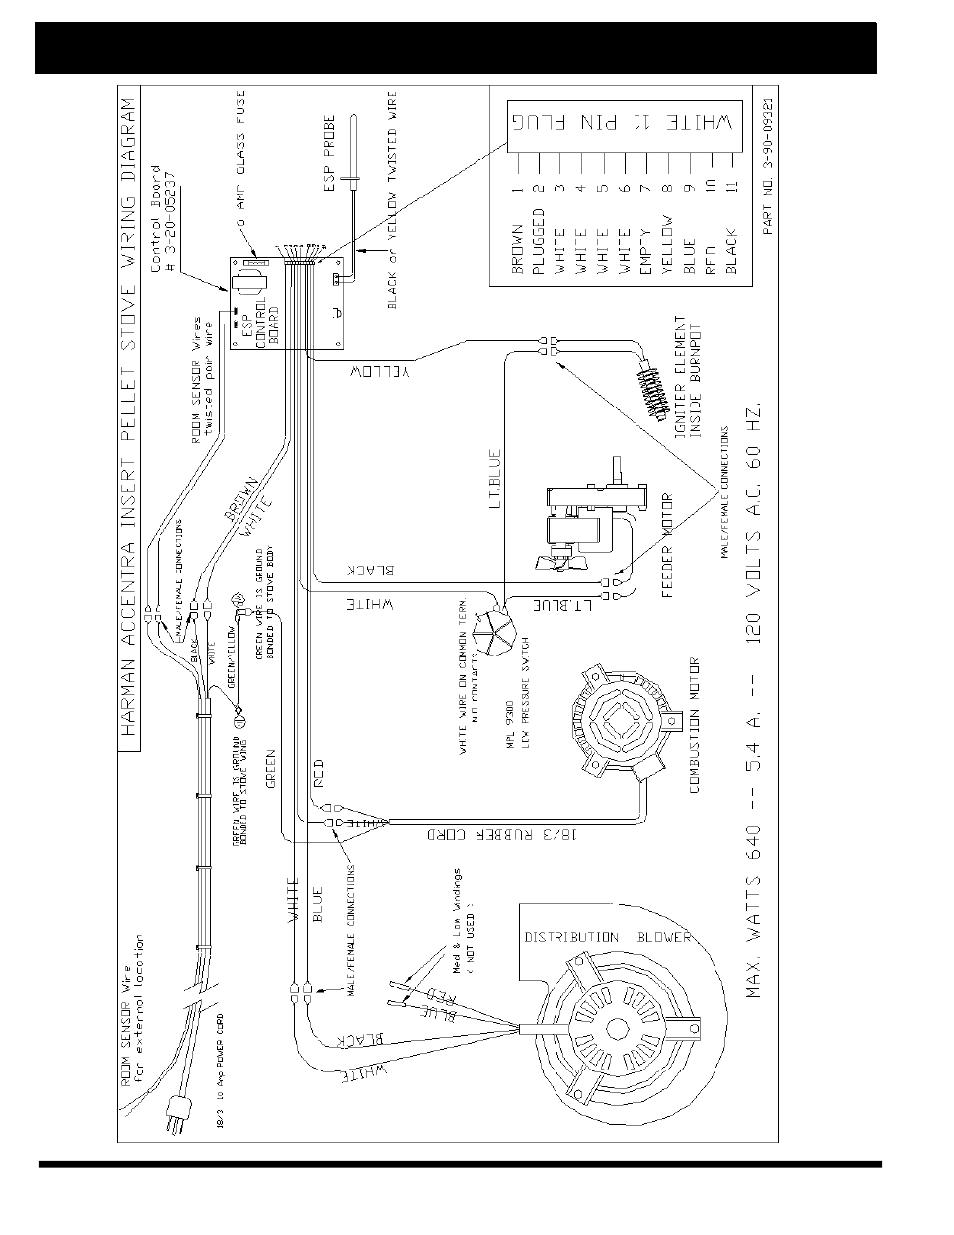 Harman Kardon Hk595 Wiring Diagram - Free Wiring Diagram on